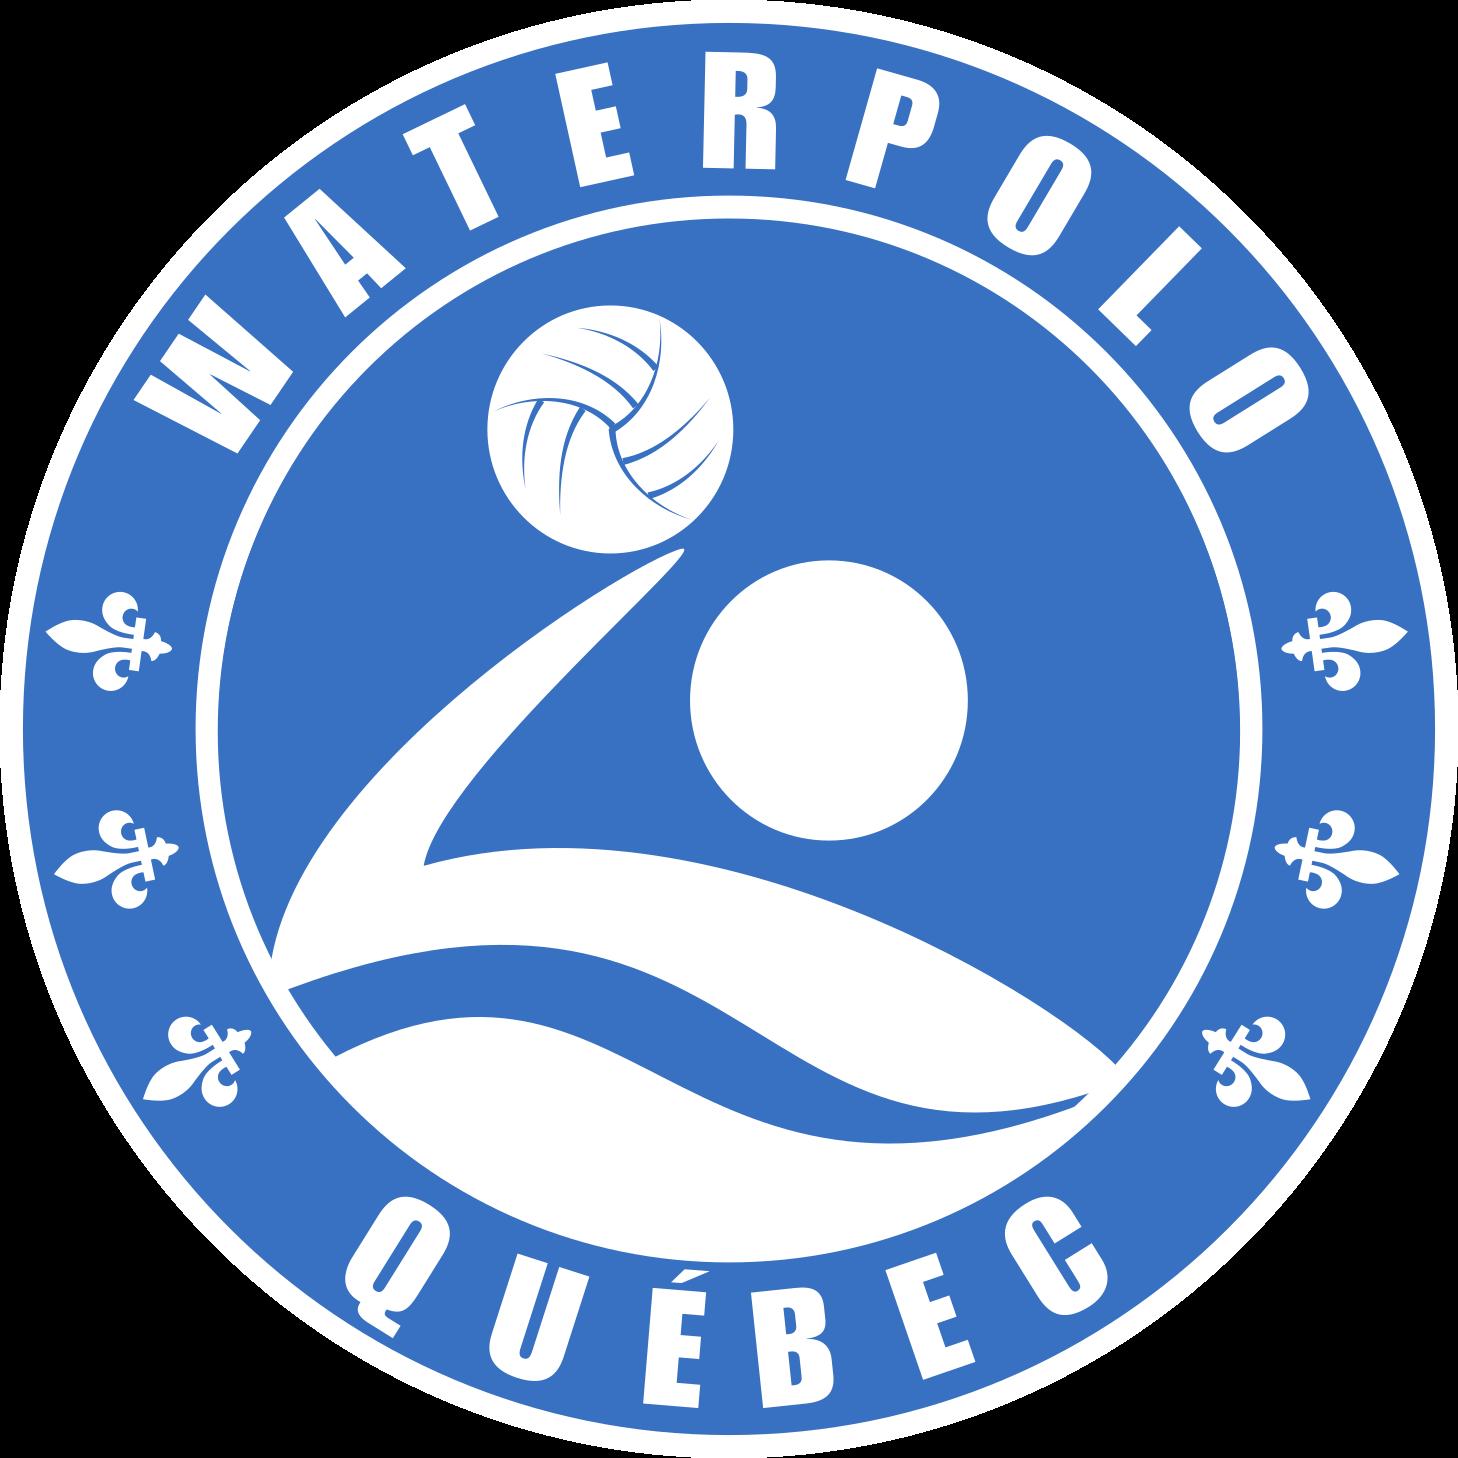 waterpolo quebec logo